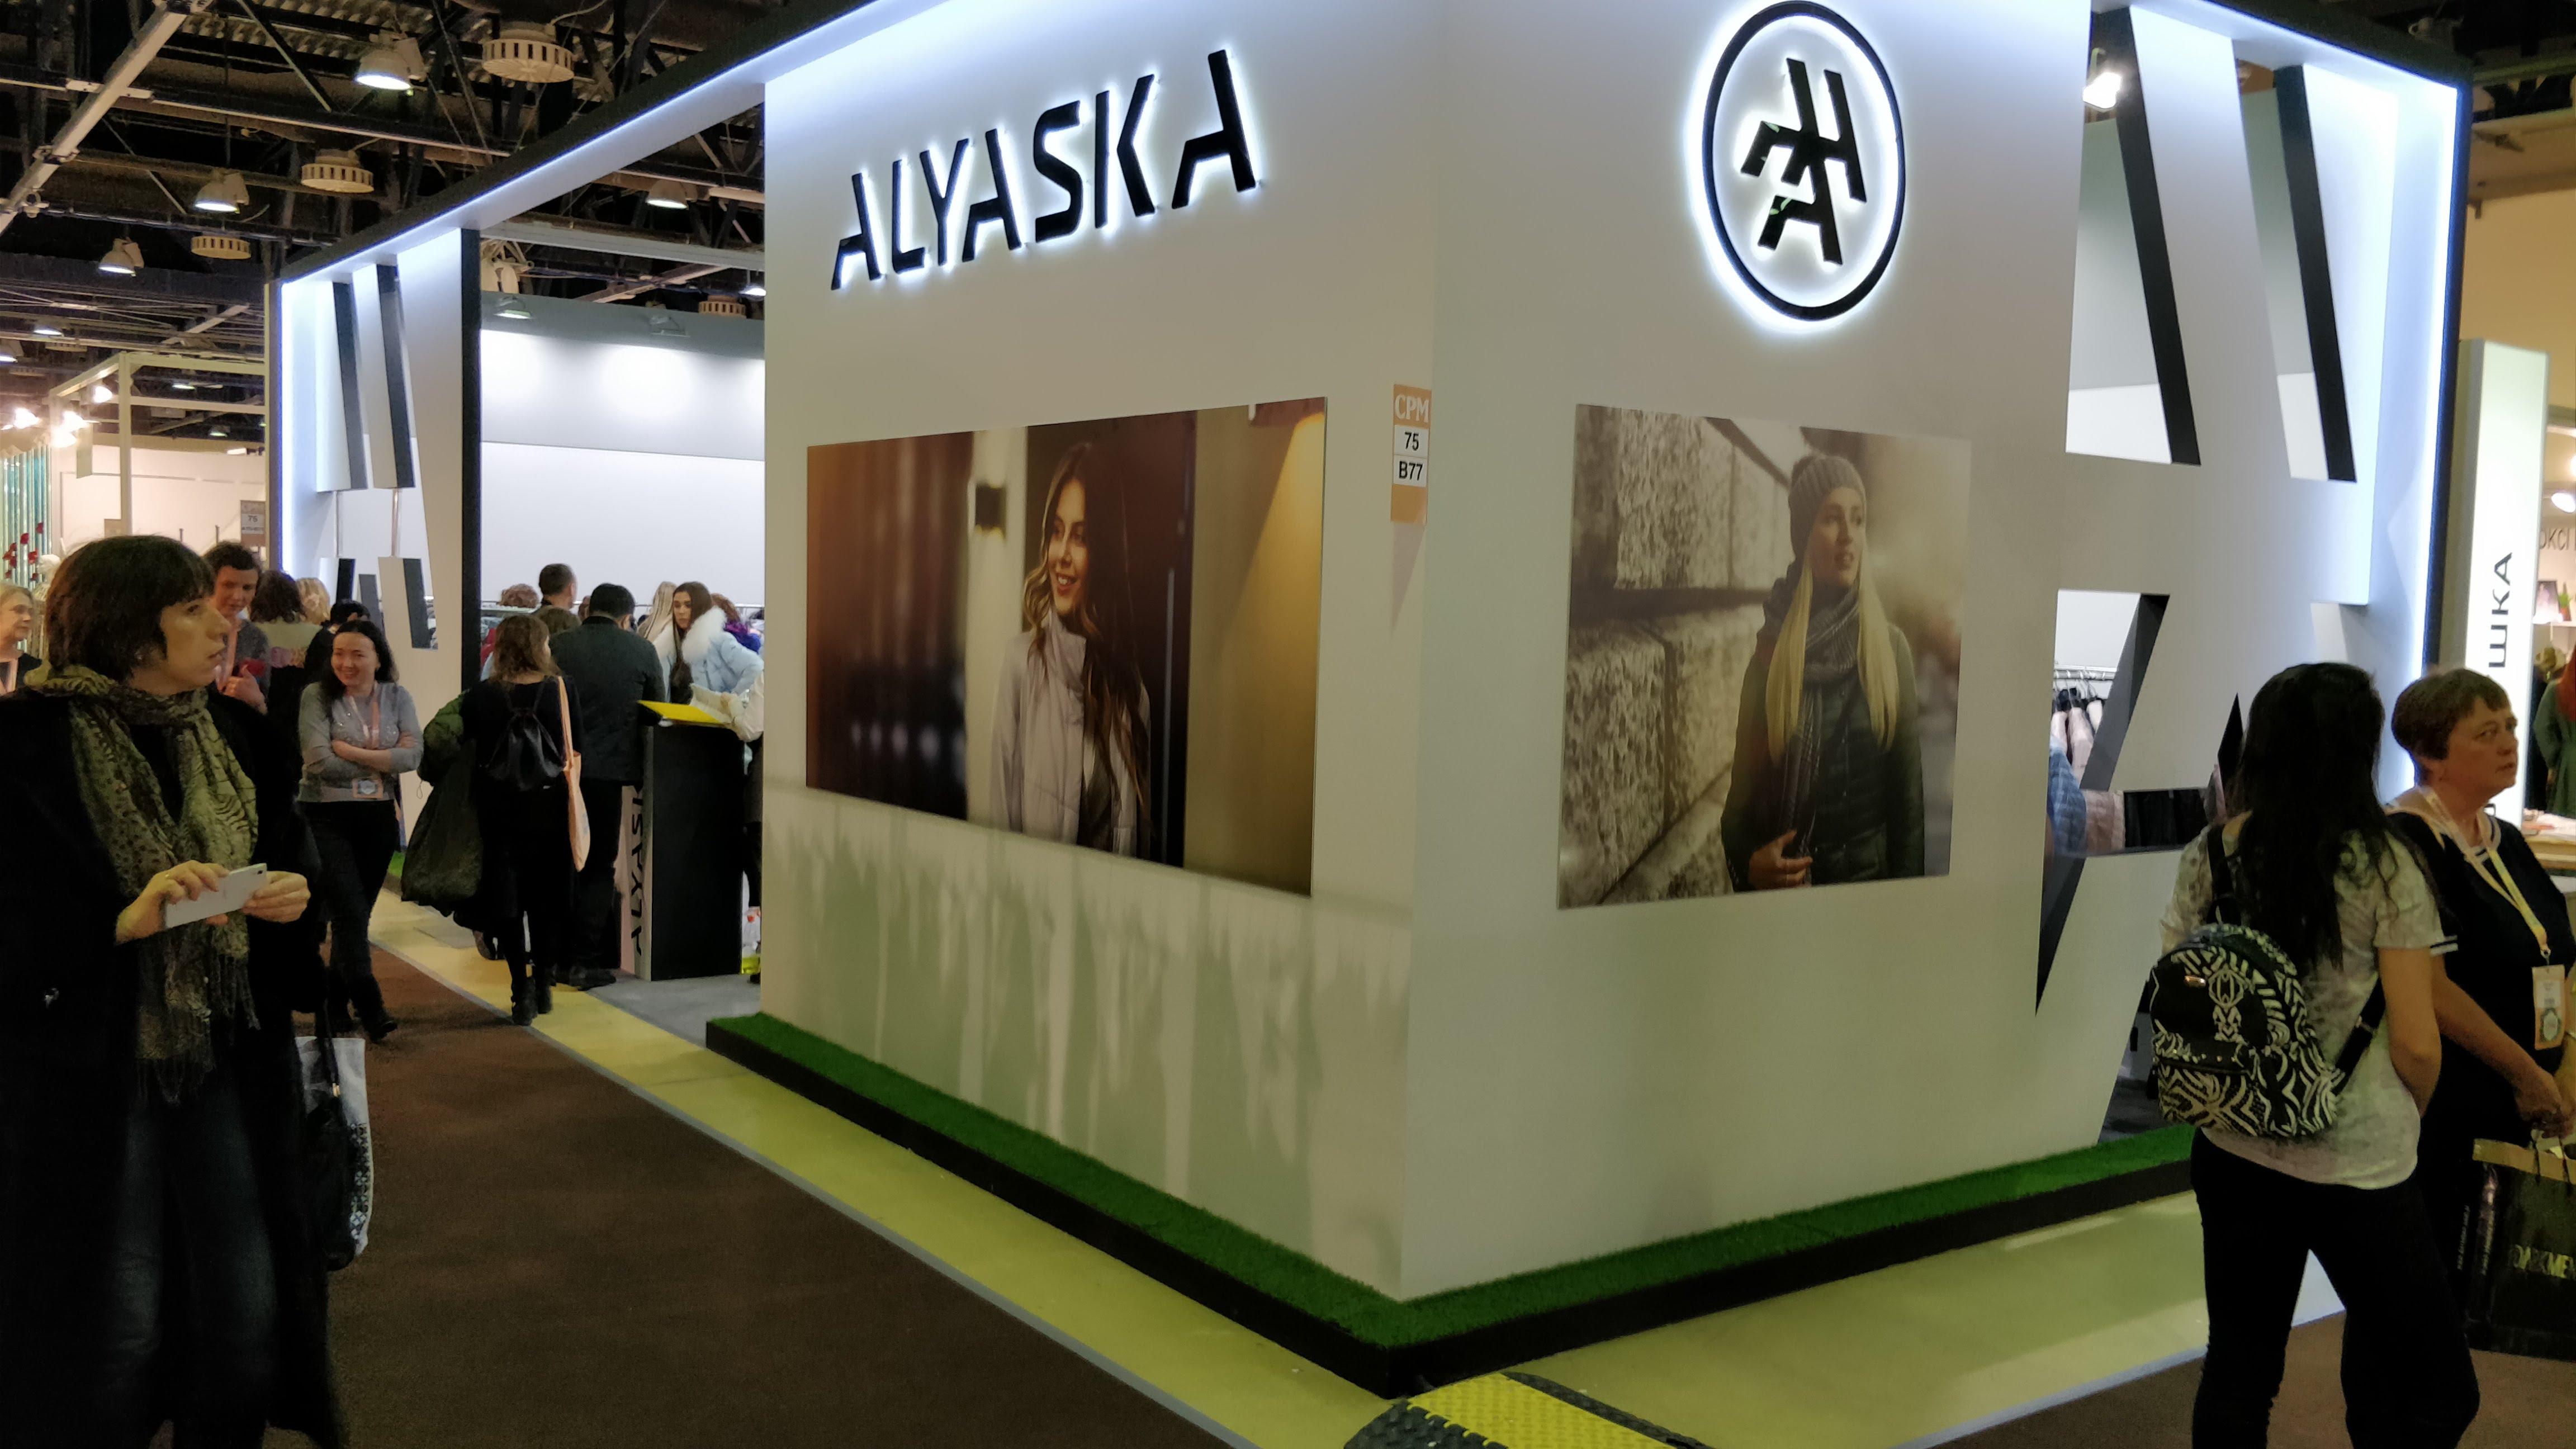 Услуги по оформлению выставочного стенда: оформление выставочных стендов и повышение эффективности бренда